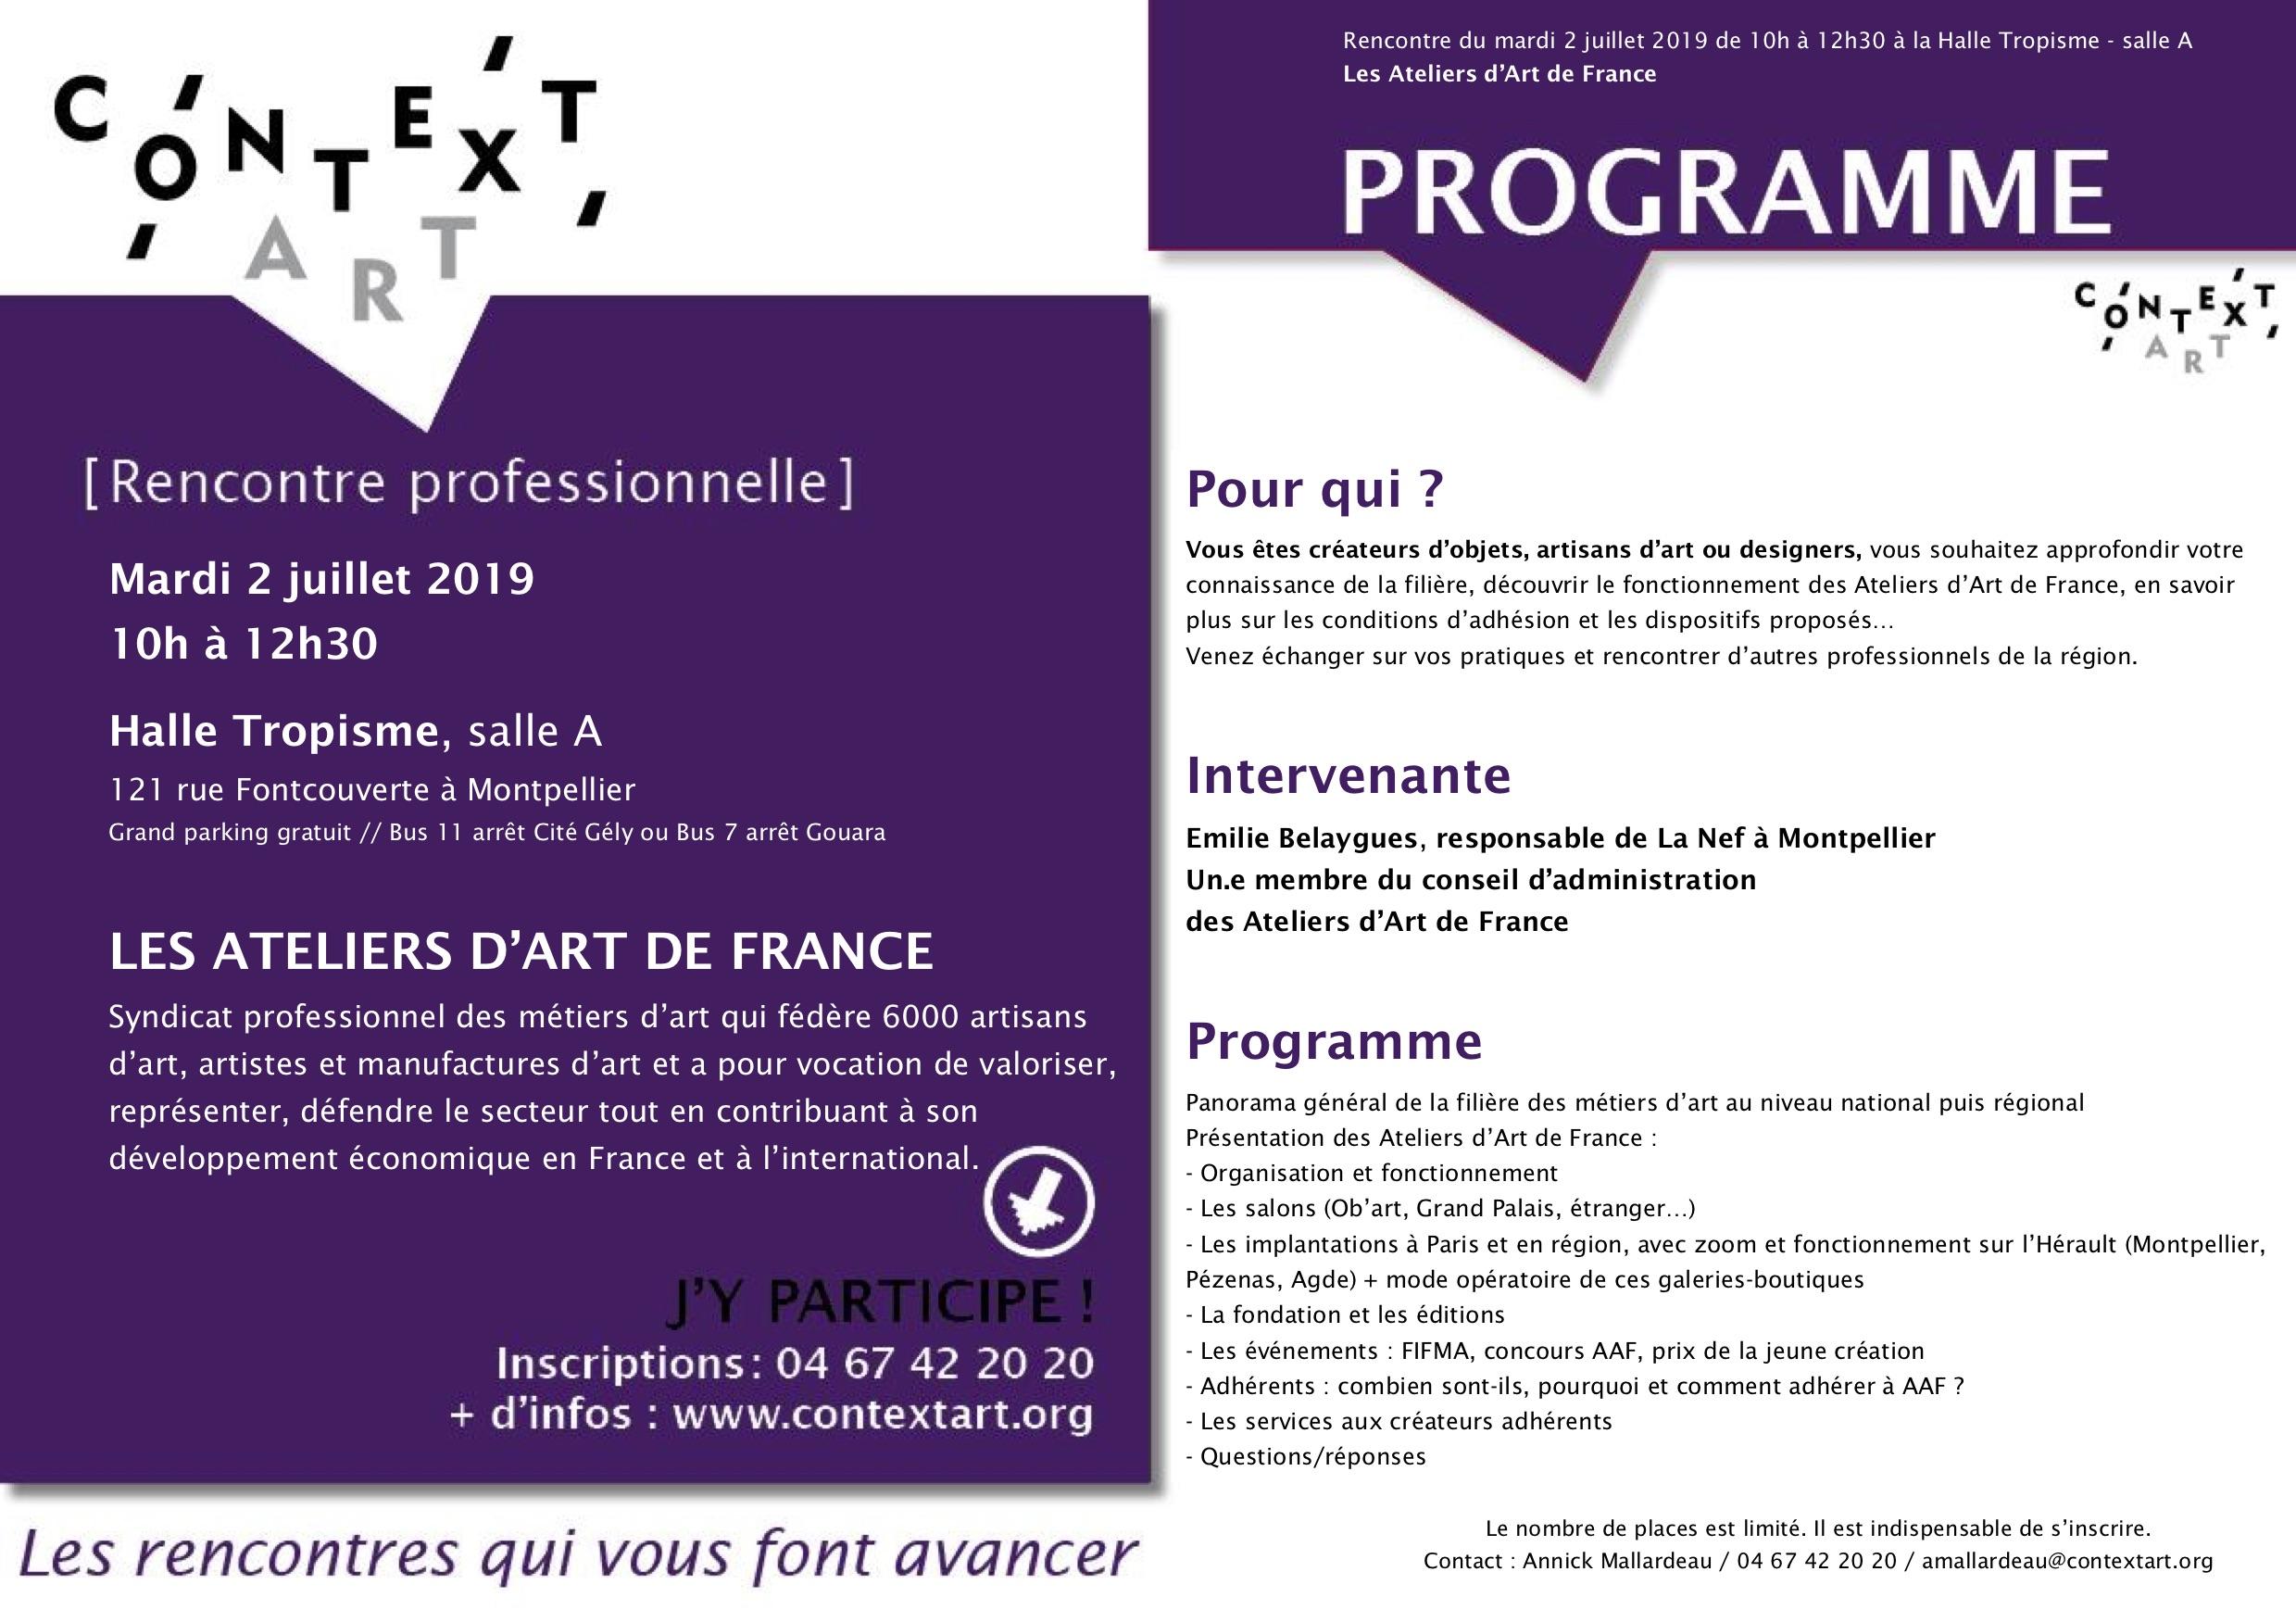 [RENCONTRE PRO] LES ATELIERS D'ART DE FRANCE // mardi 9 juillet // HALLE TROPISME